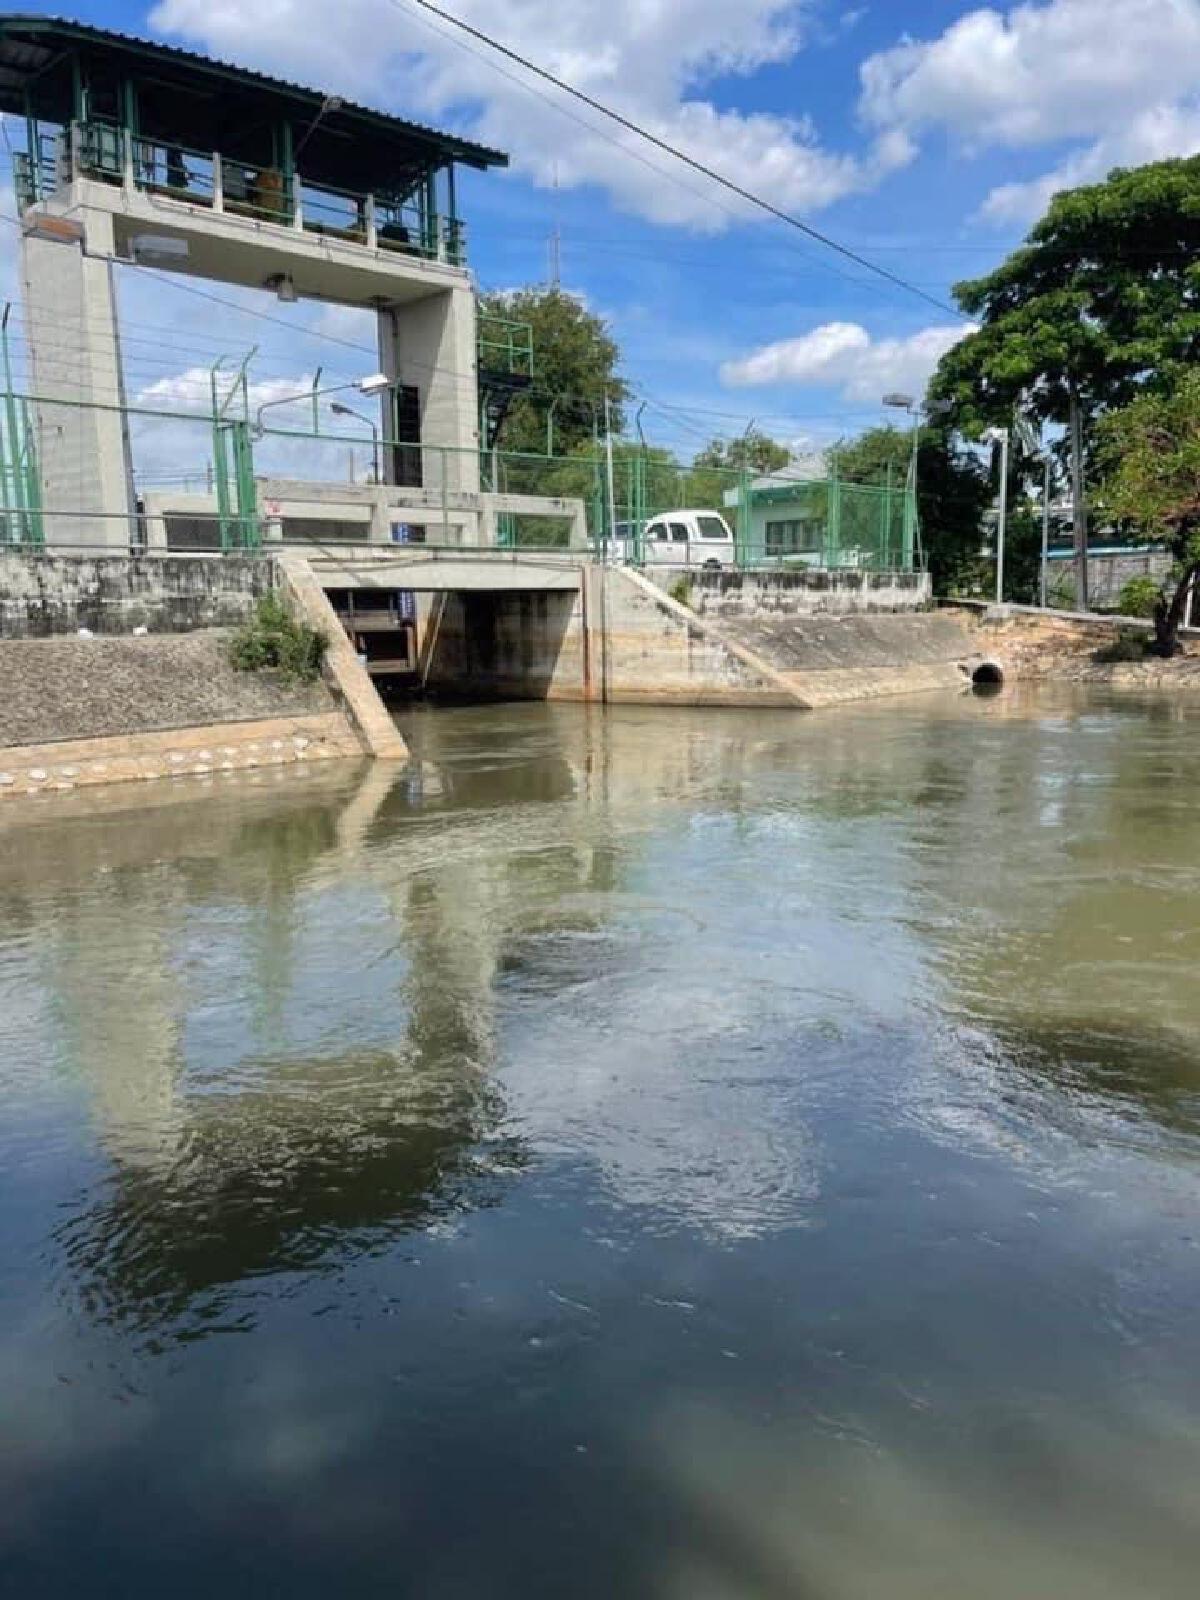 เกาะติดน้ำท่วม กทม.เปิดประตูระบายน้ำฝั่งตะวันออก รับมวลน้ำจากปทุมฯ เข้ากรุงเทพฯ